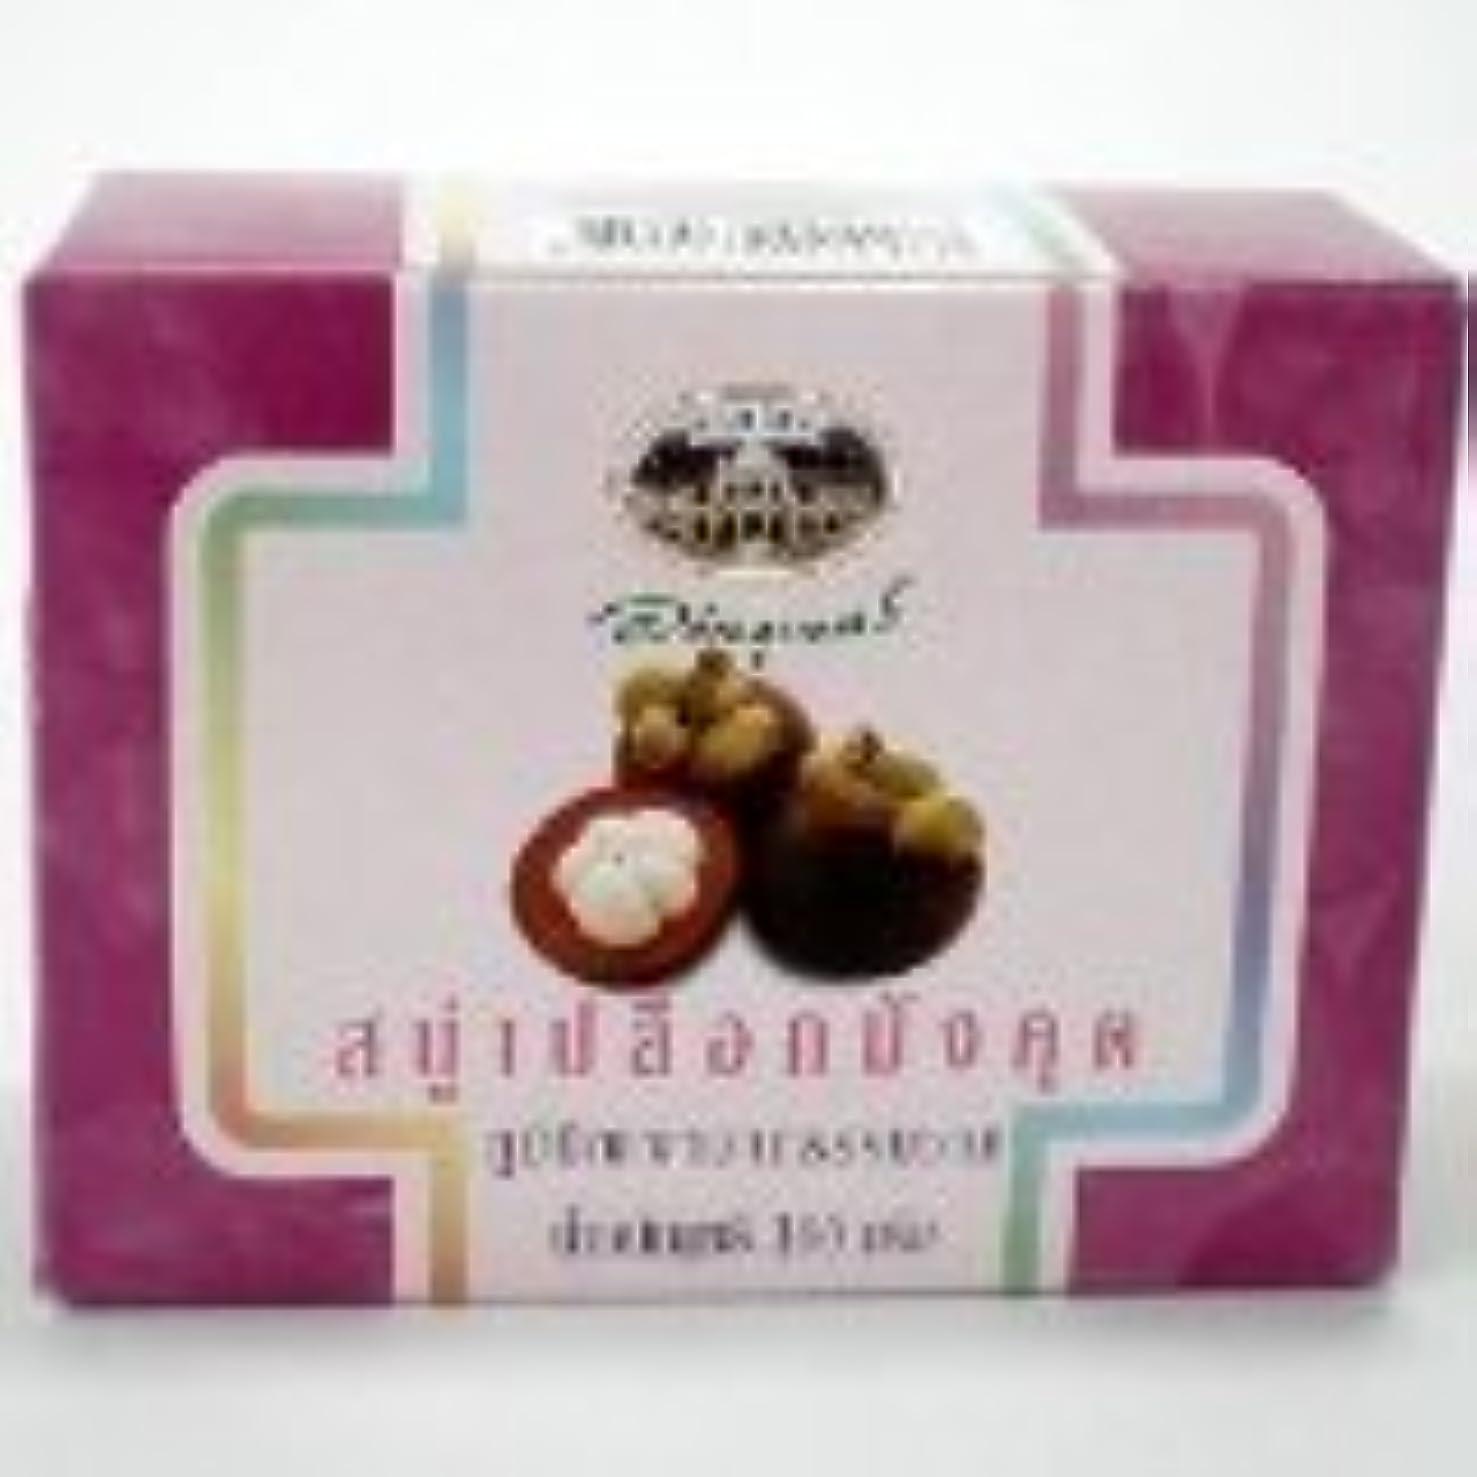 注ぎますトランジスタ事実新しいabhabibhubejhr Mangosteen Peel Soap 100 g